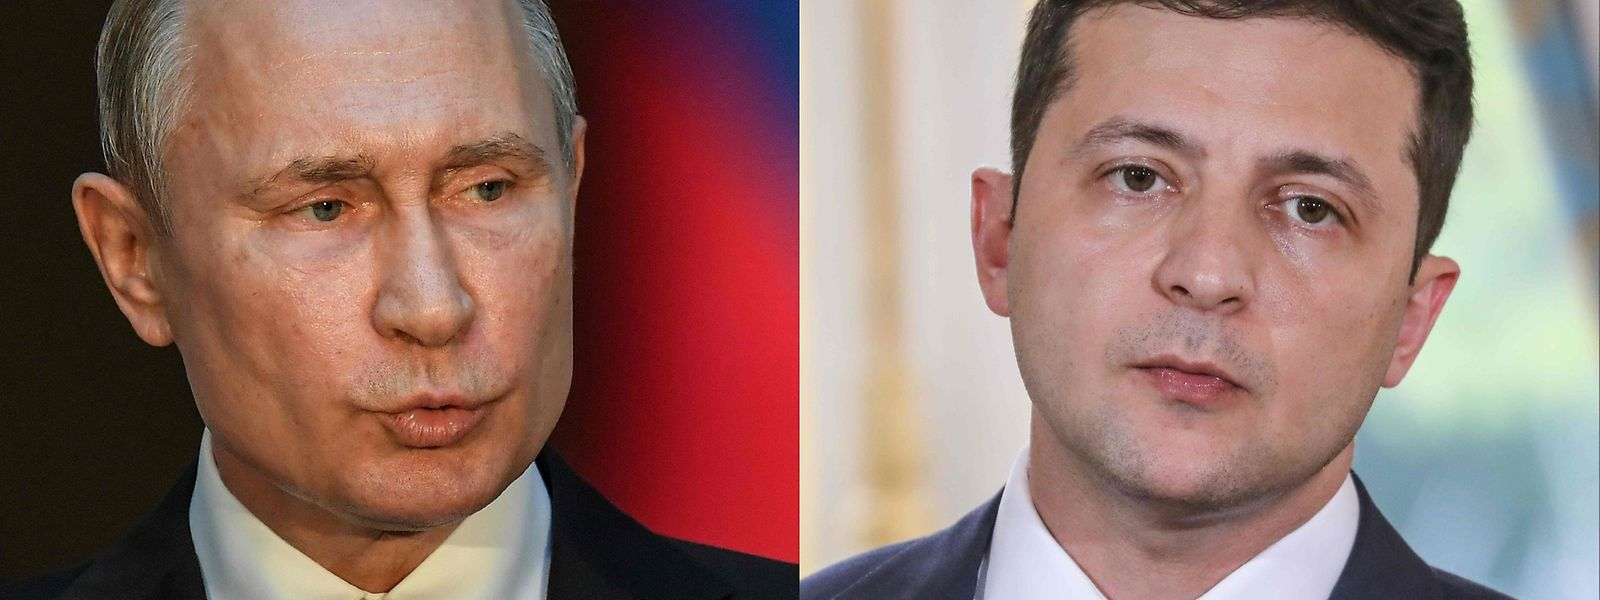 Der russische Staatspräsident Wladimir Putin und Wolodymyr Selenskyj, Staatspräsident der Ukraine, haben in einem Telefongespräch erstmals über den Konflikt in der Ukraine geredet.